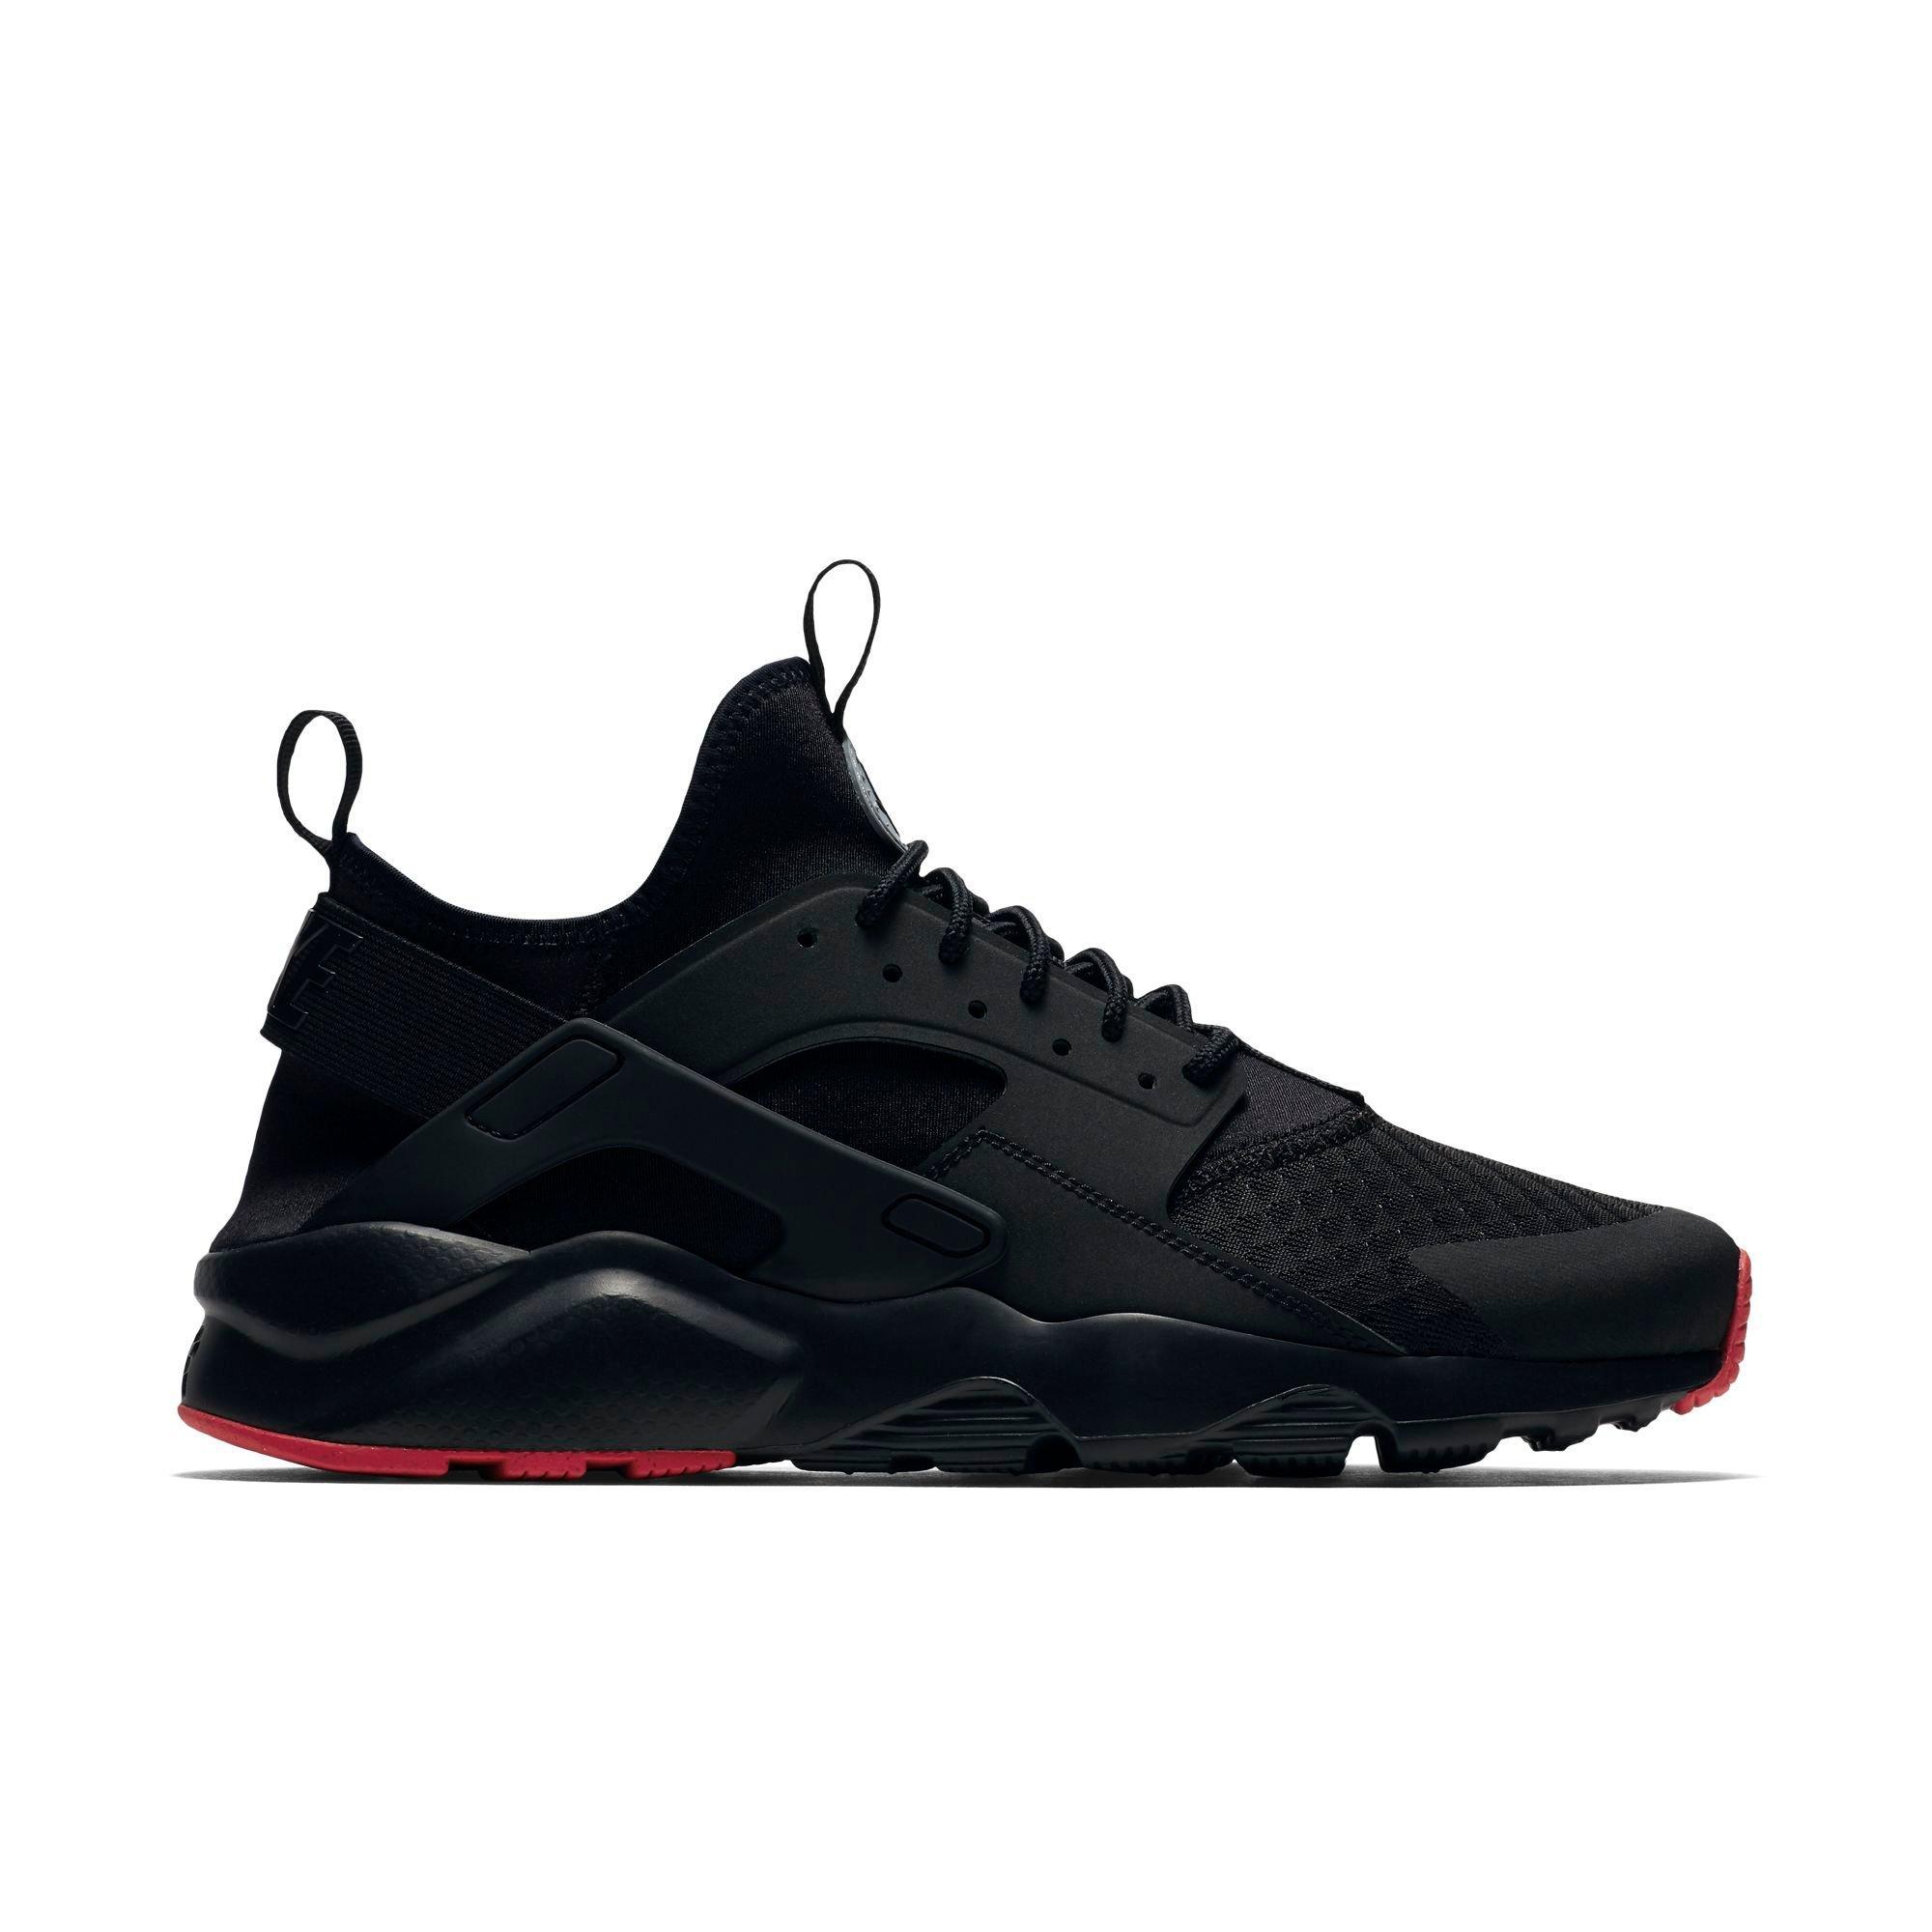 de6363b8ad795 nike air huarache black red   ventes flash